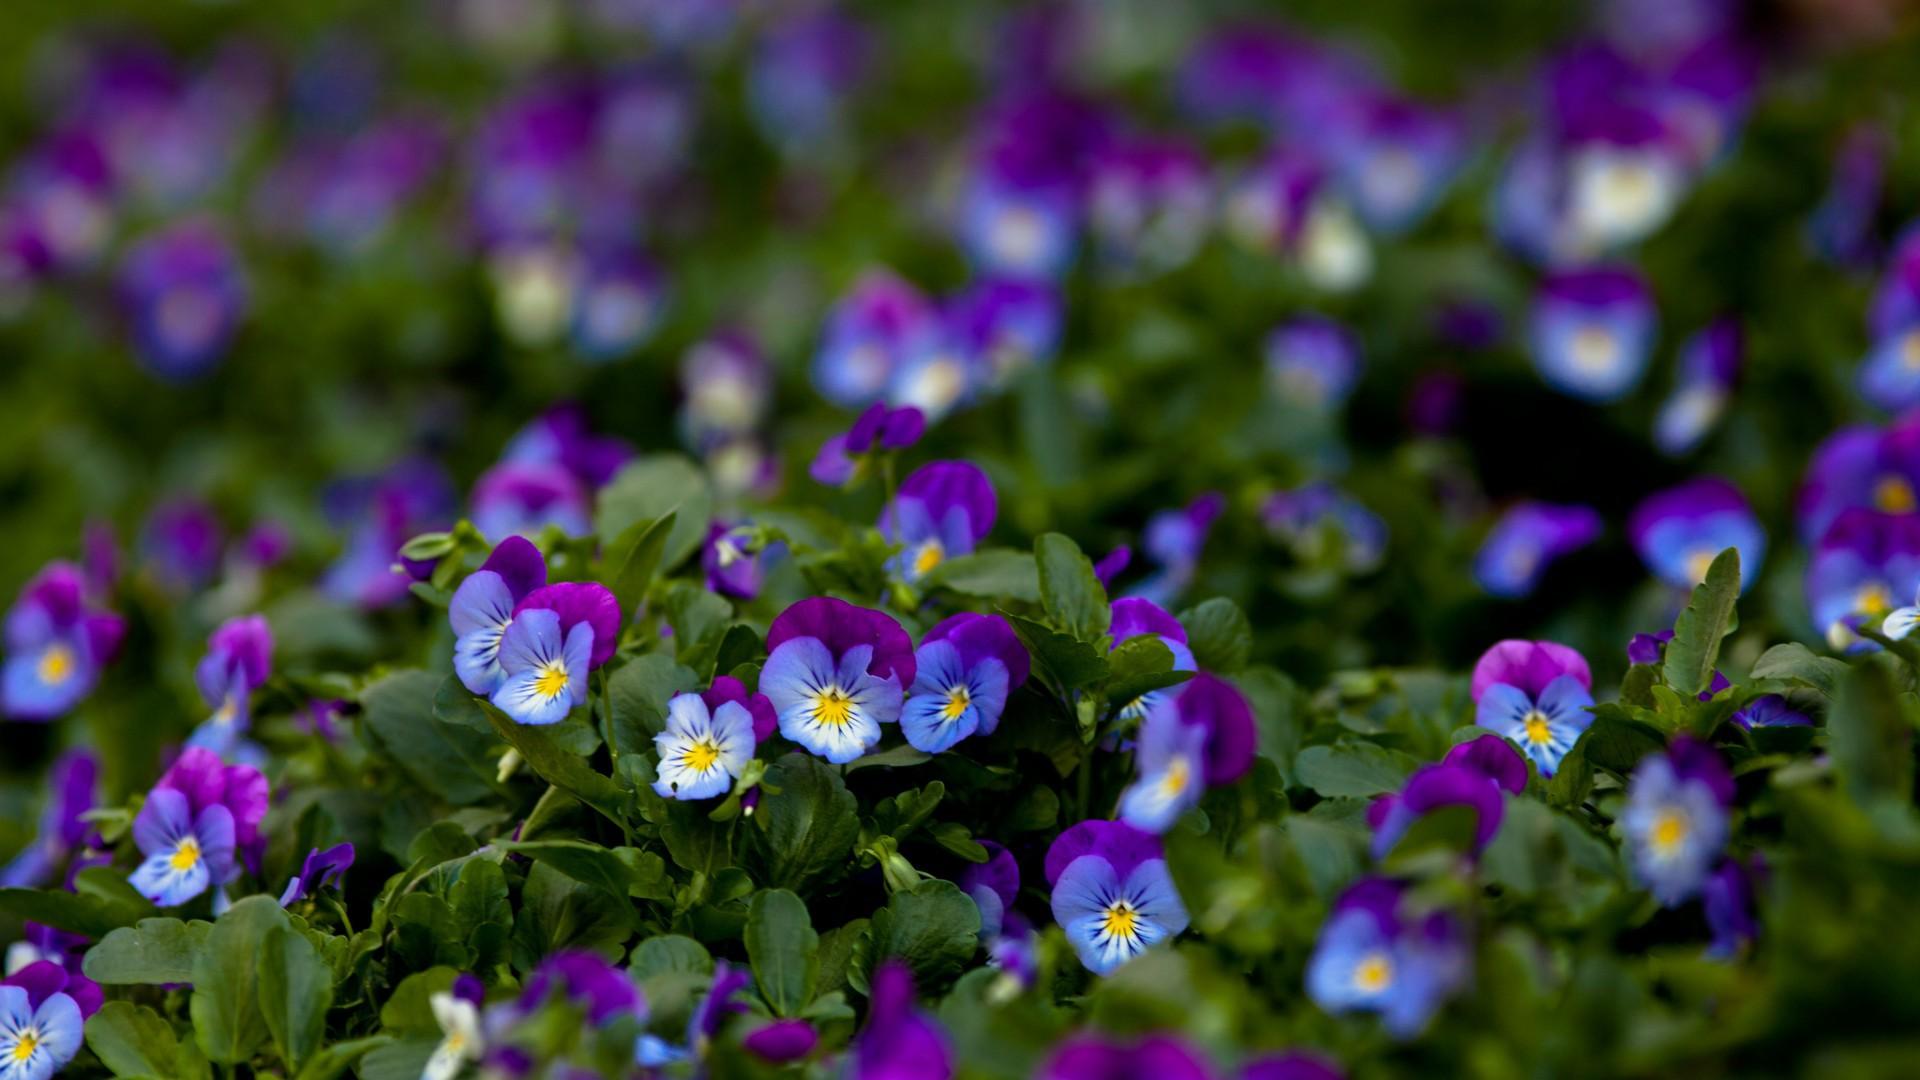 цены картинки на рабочий стол лиловые цветы заявку Характеристика пищевая